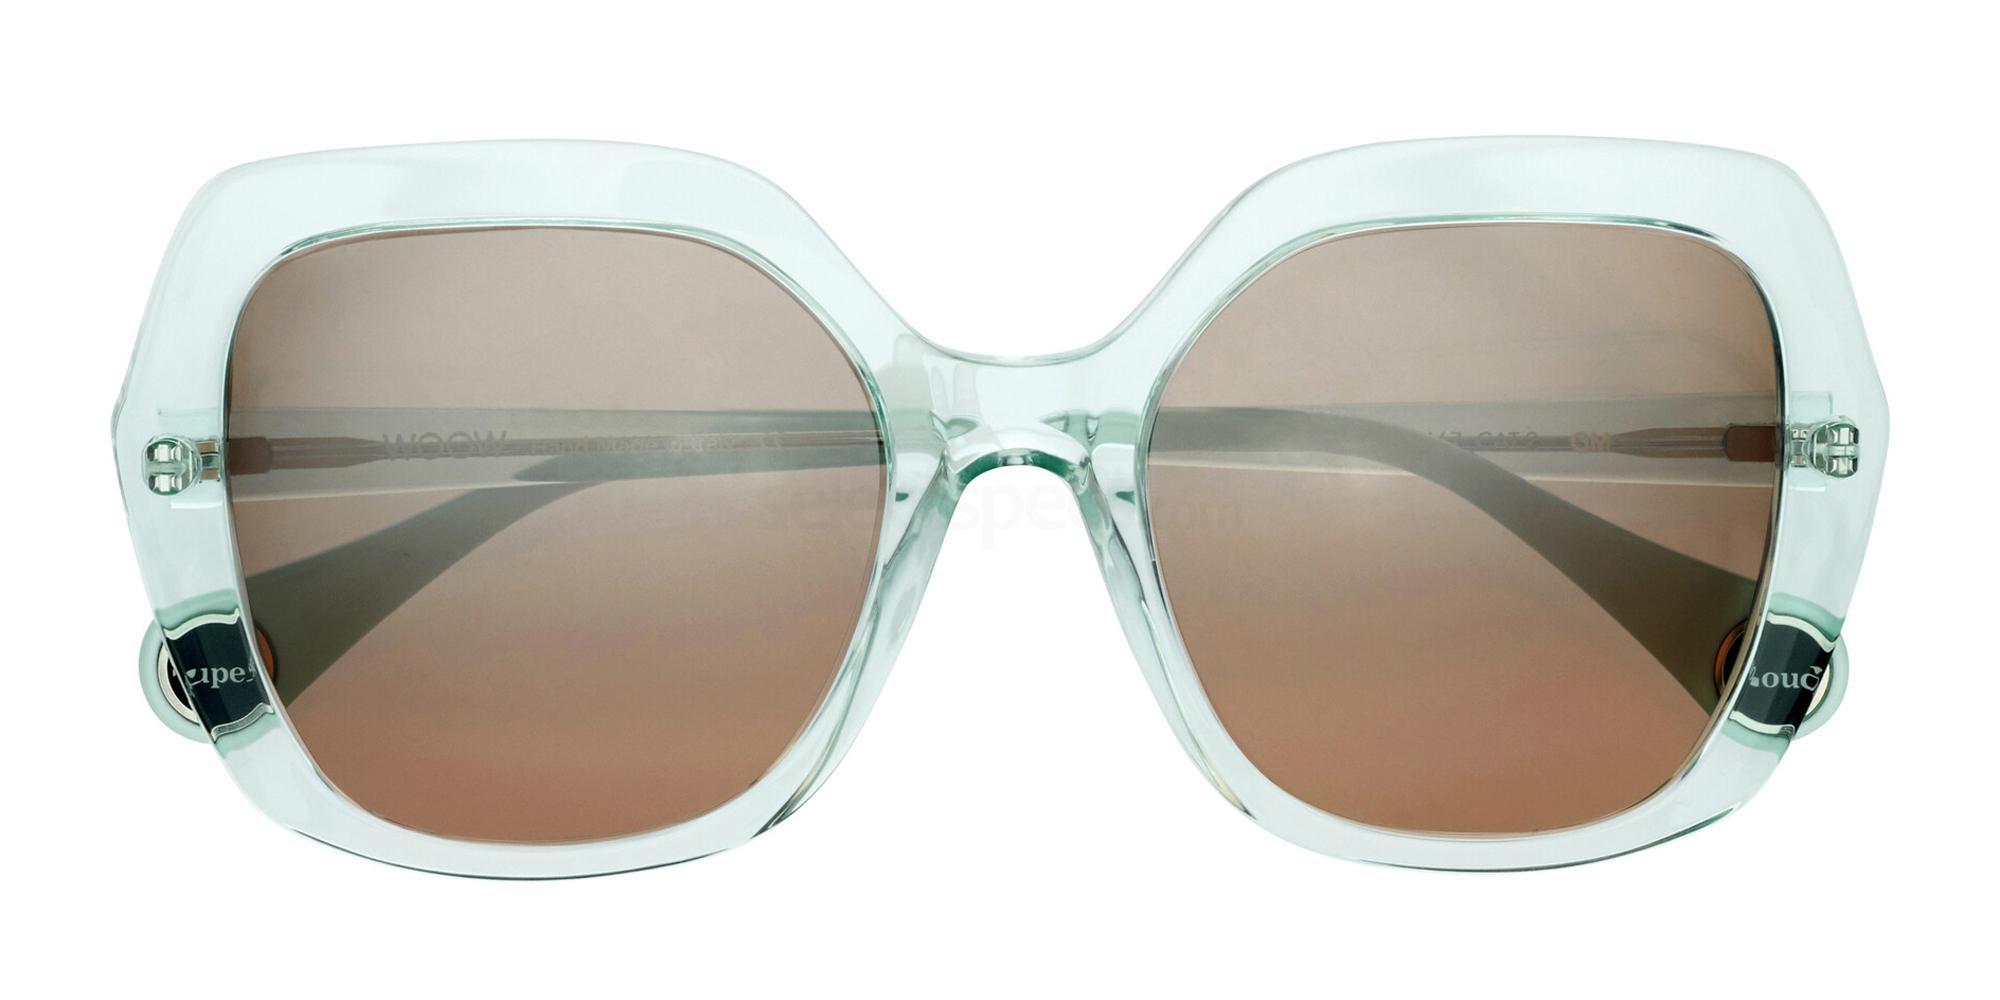 3167 SUPER LOUD 2 Sunglasses, Woow